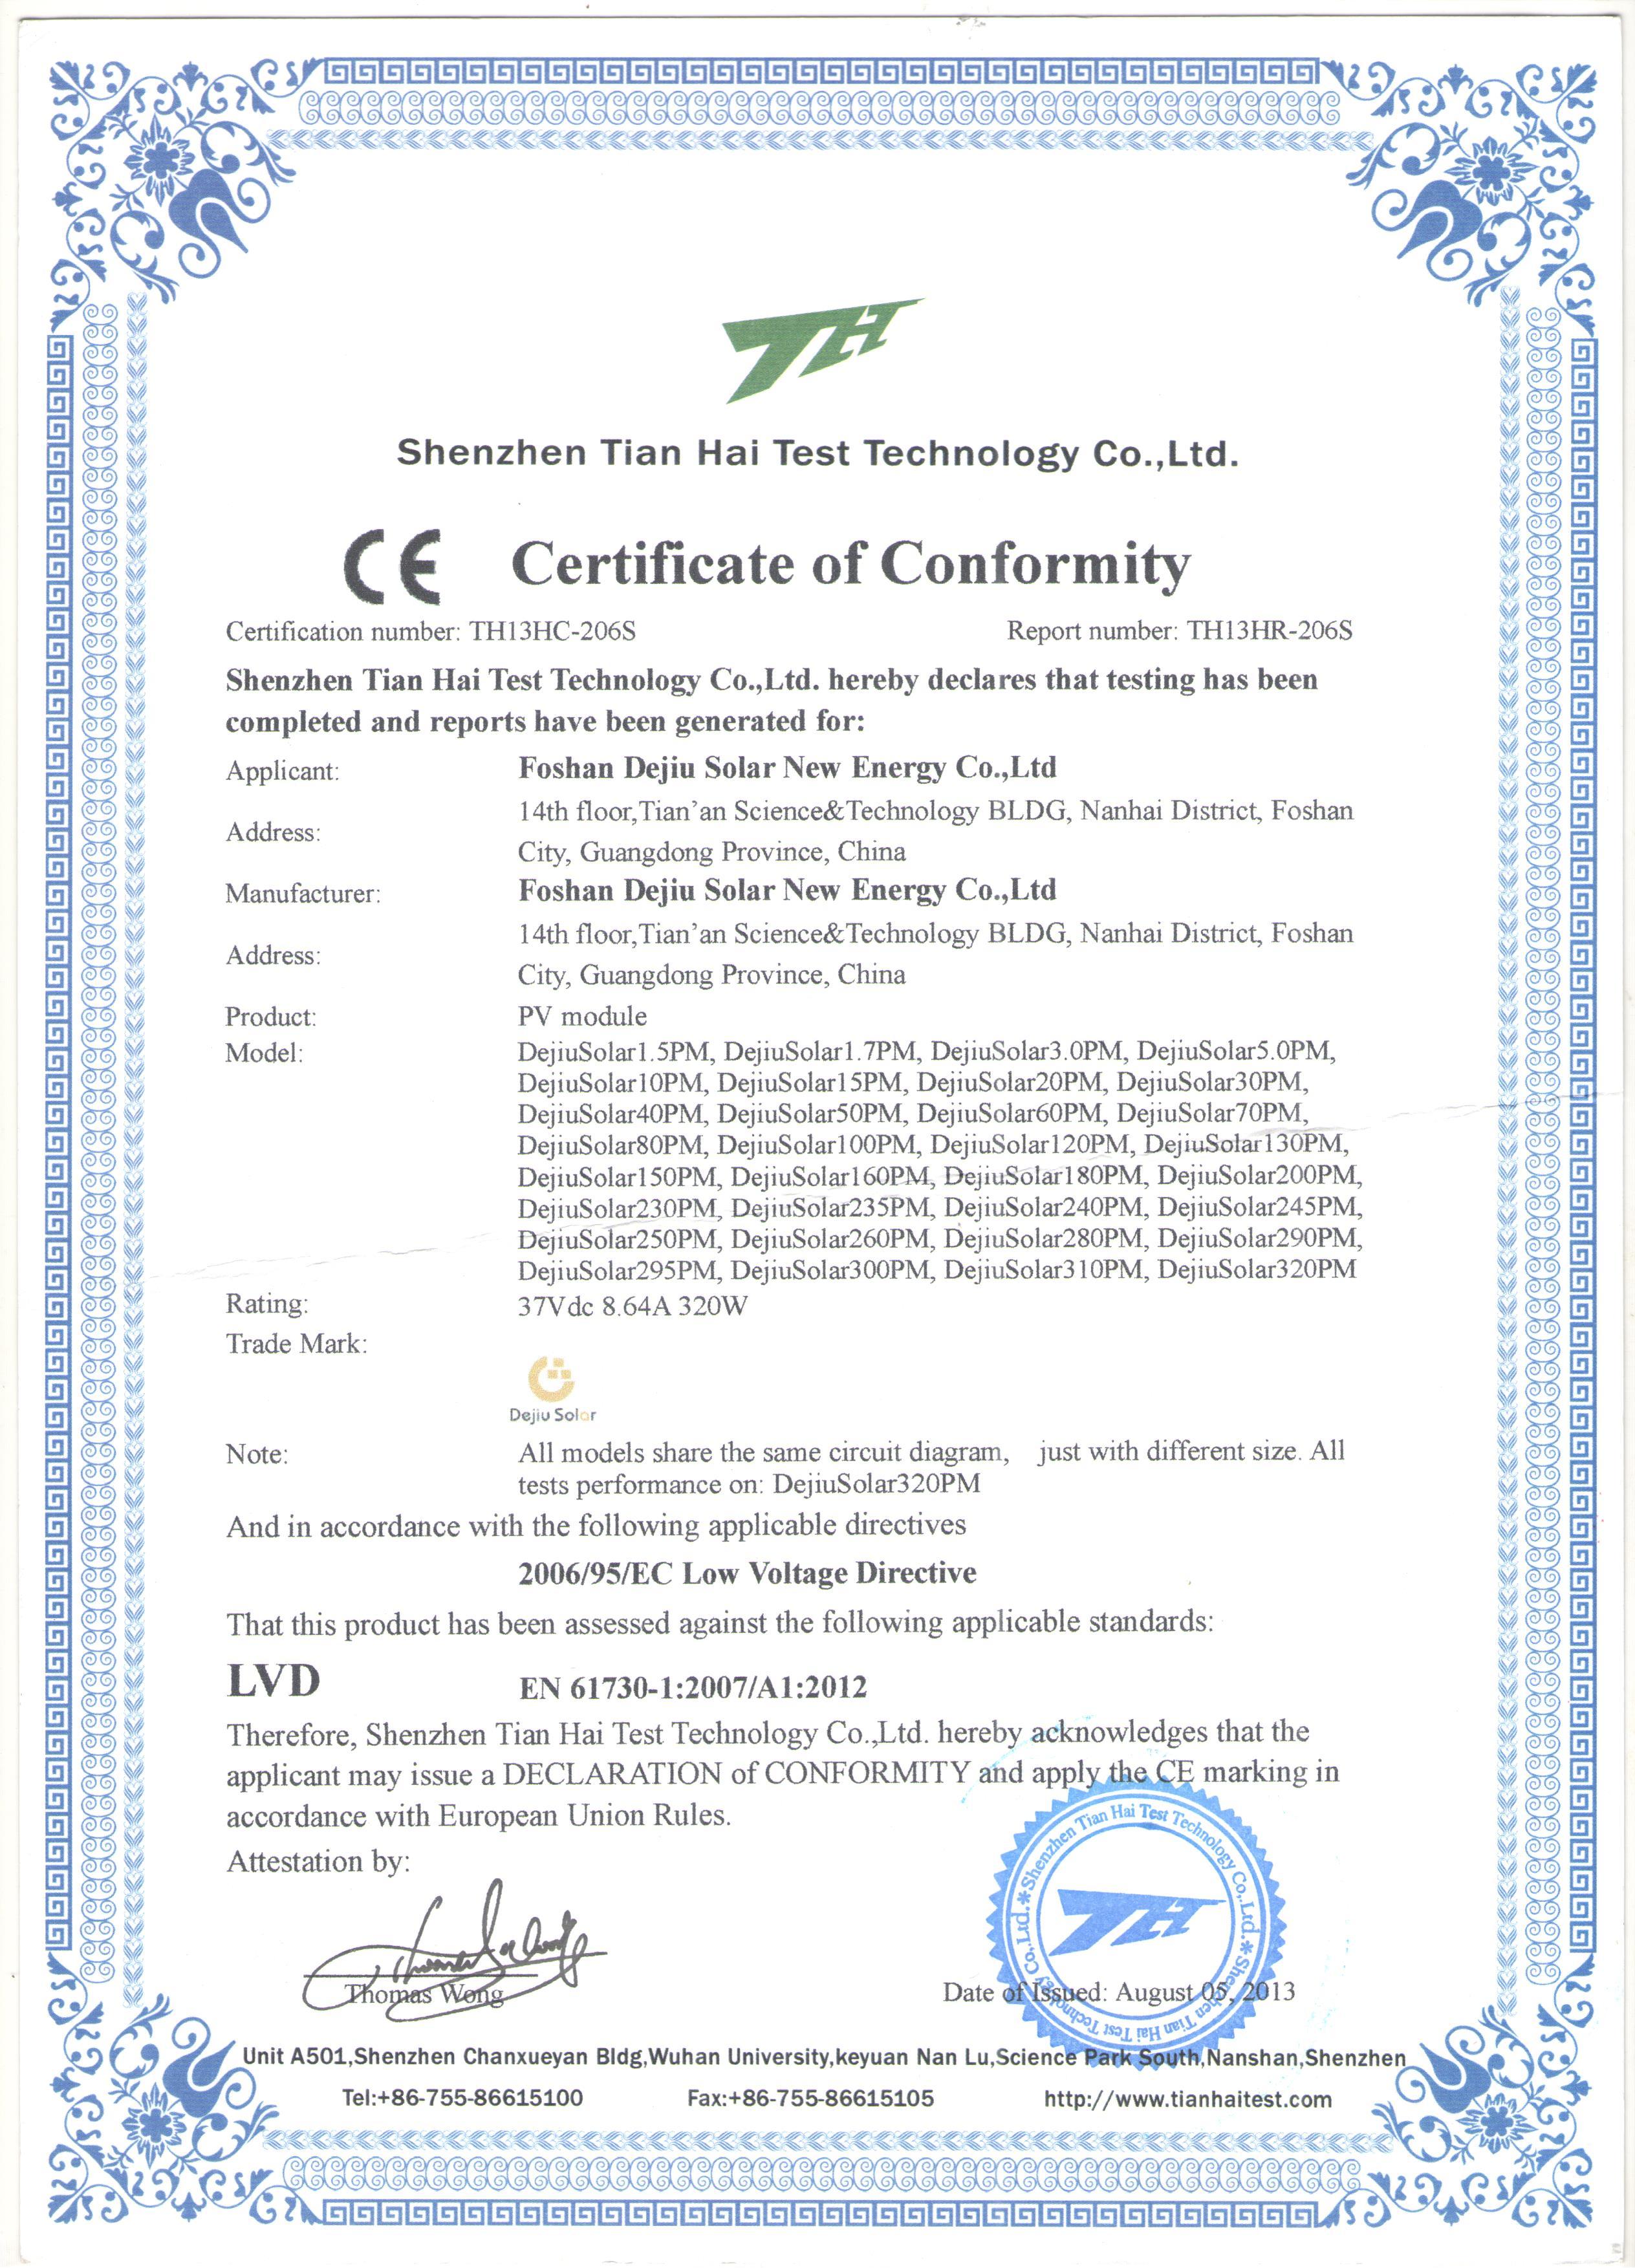 认证-CE-1